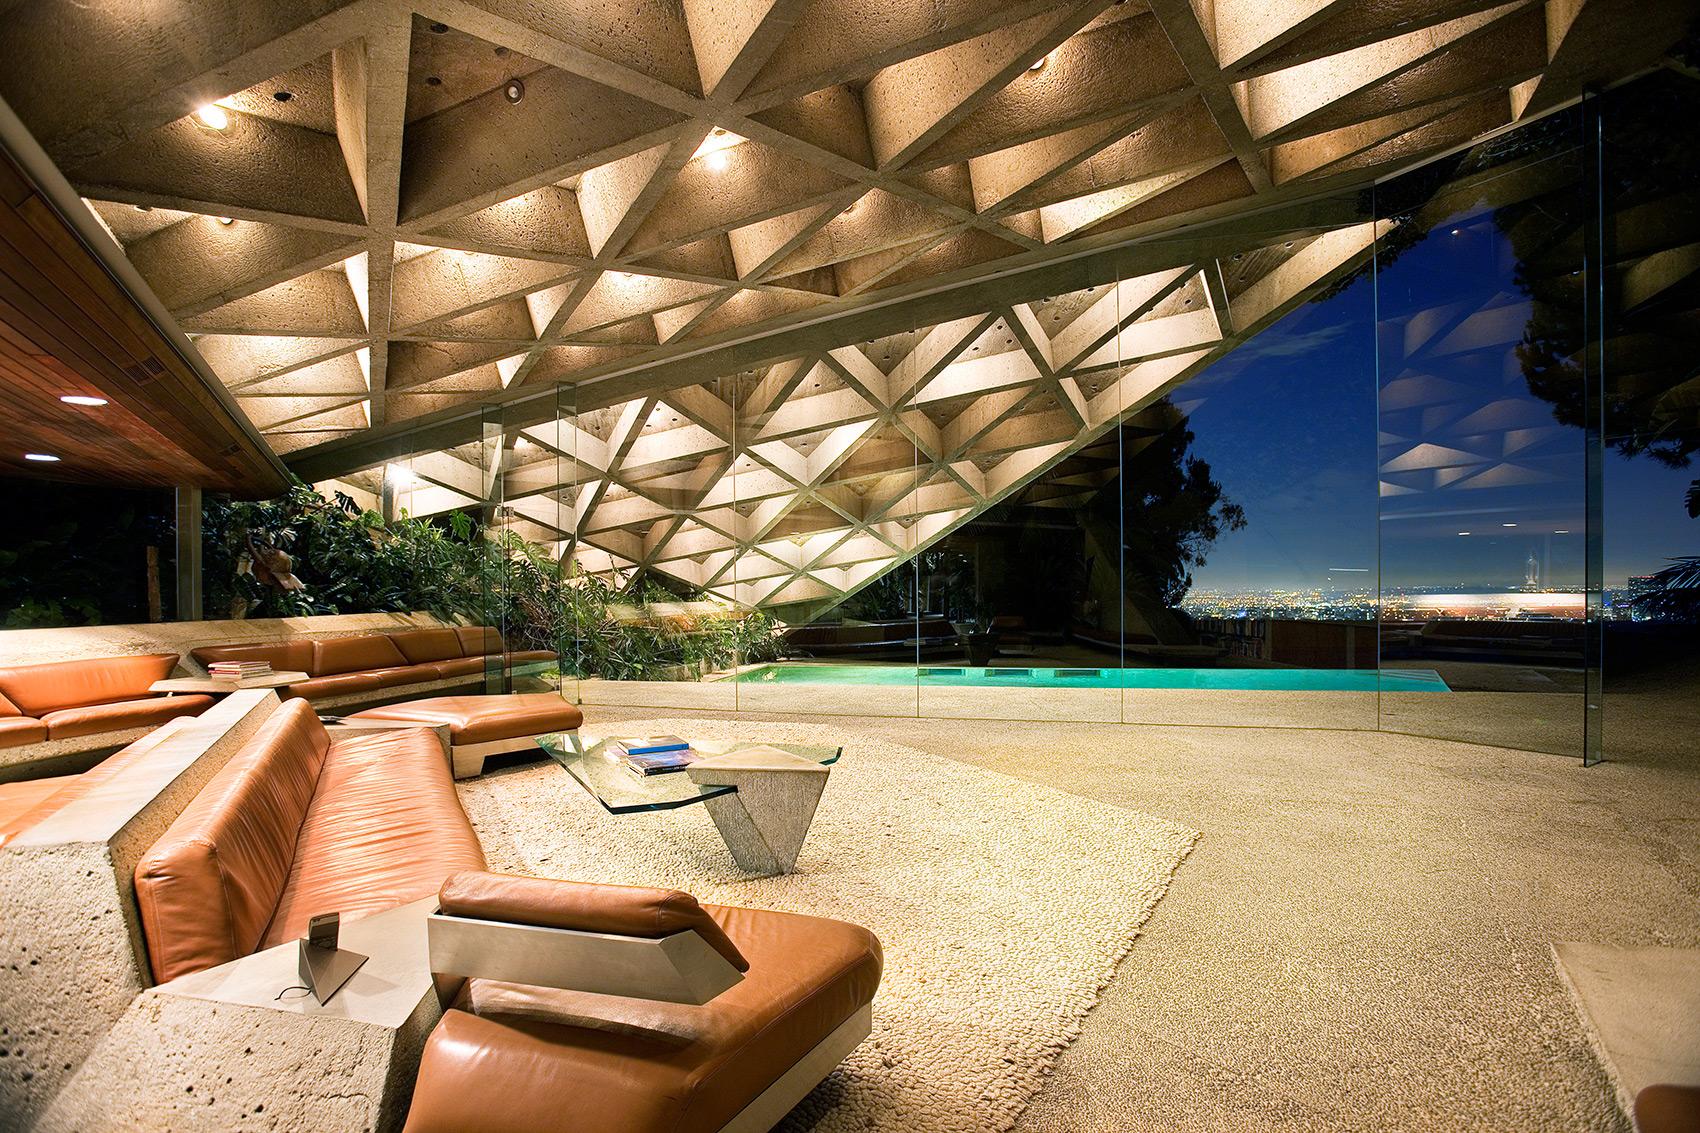 Sheats Goldstein Residence, John Lautner. 1961-3